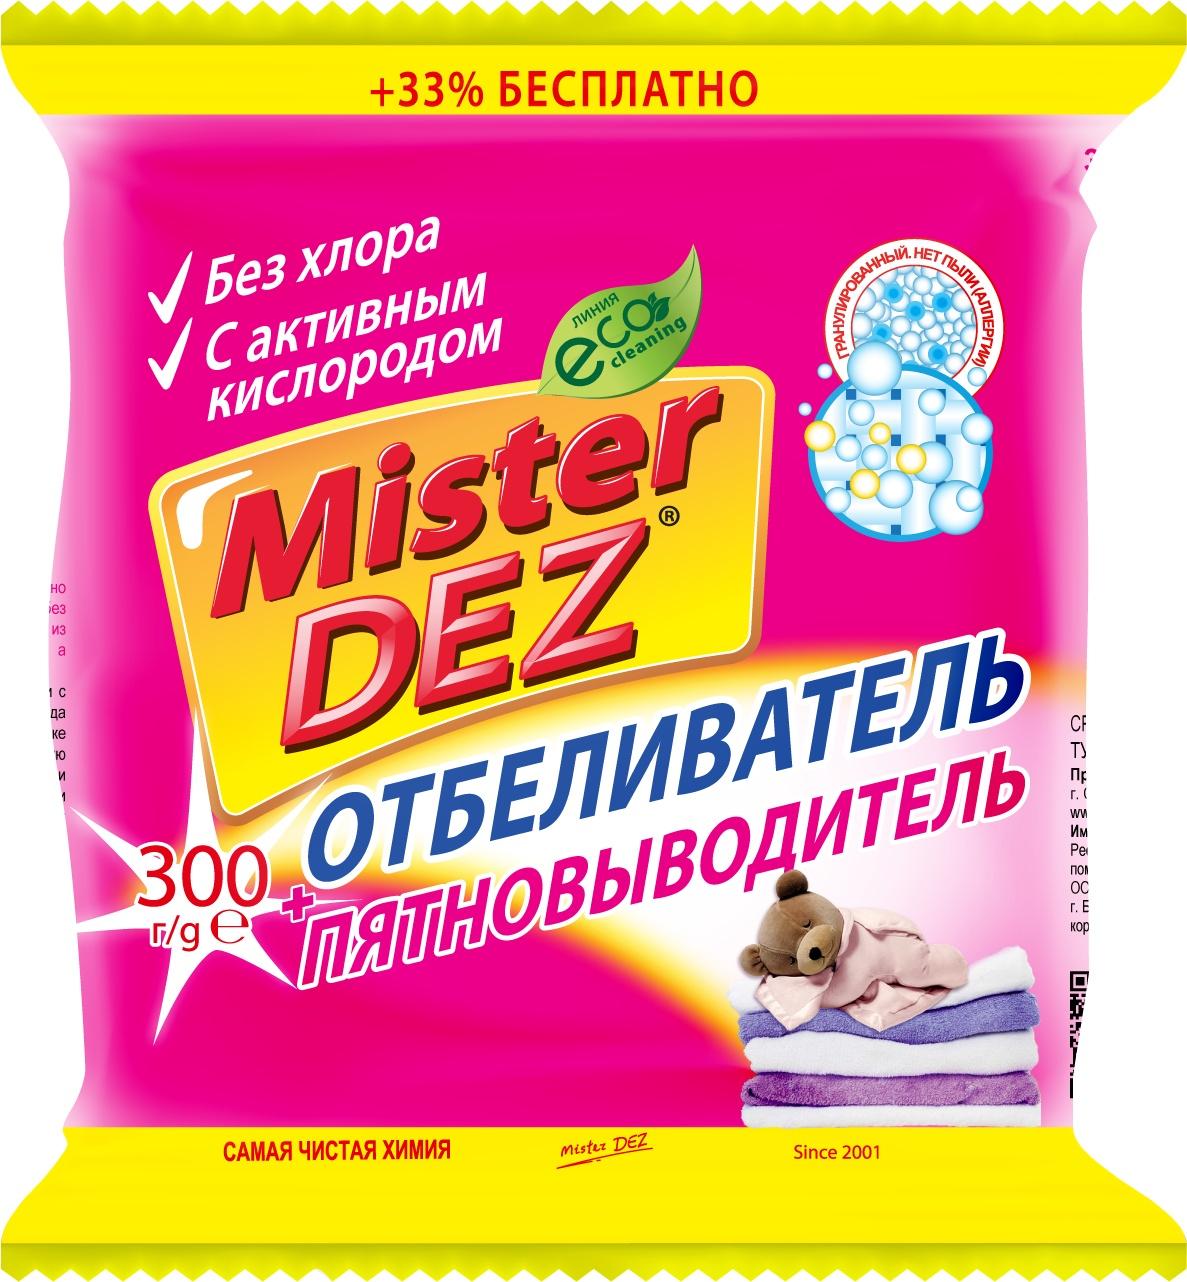 Отбеливатель-пятновыводитель Mister Dez Eco-Cleaning с активным кислородом 300 гр тайфун пятновыводитель кислородный 270г